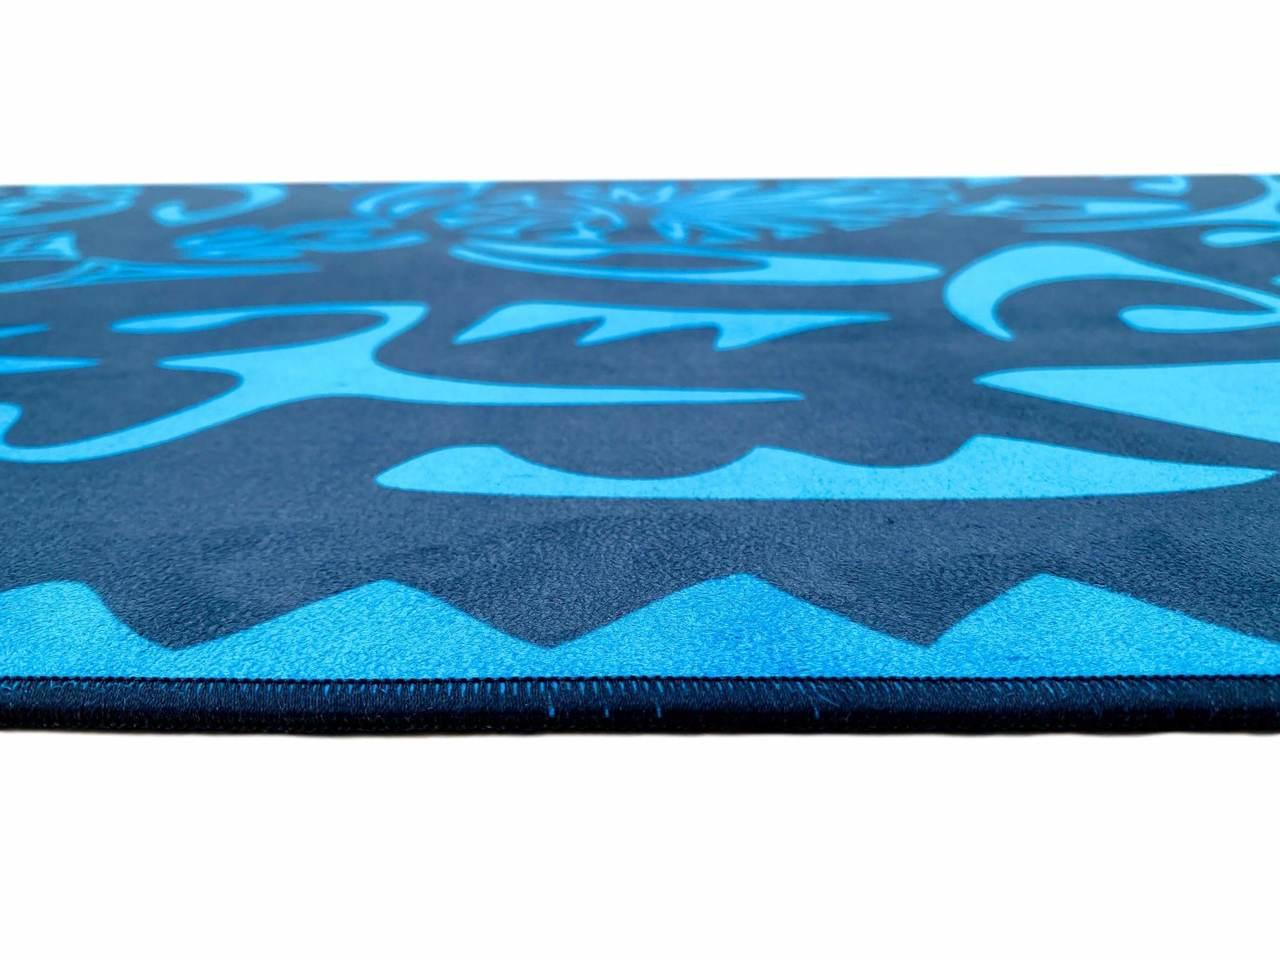 Tapete de Yoga Estampado Aveludado - Maori